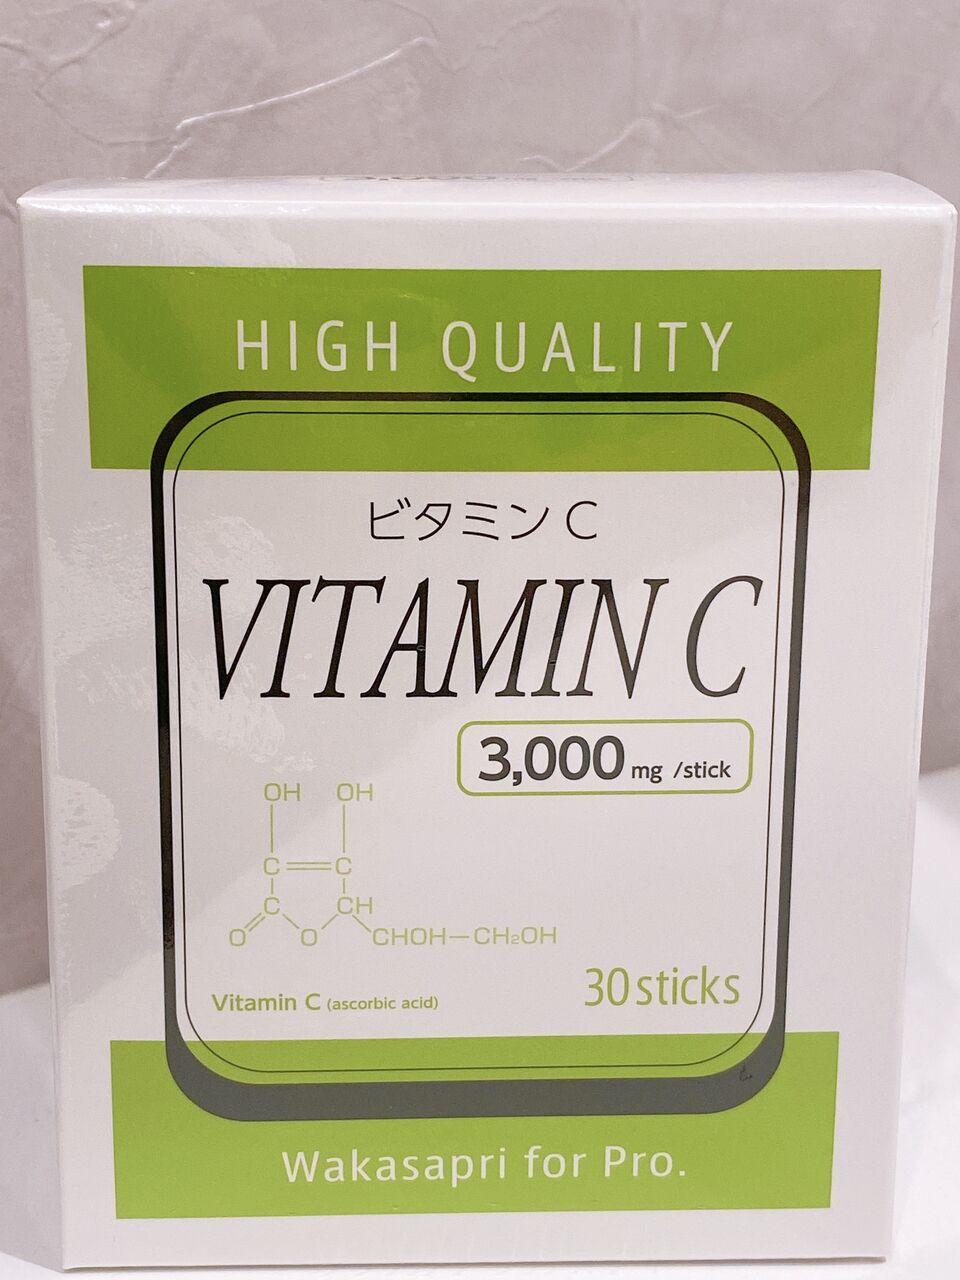 サプリ ビタミン 高 濃度 c